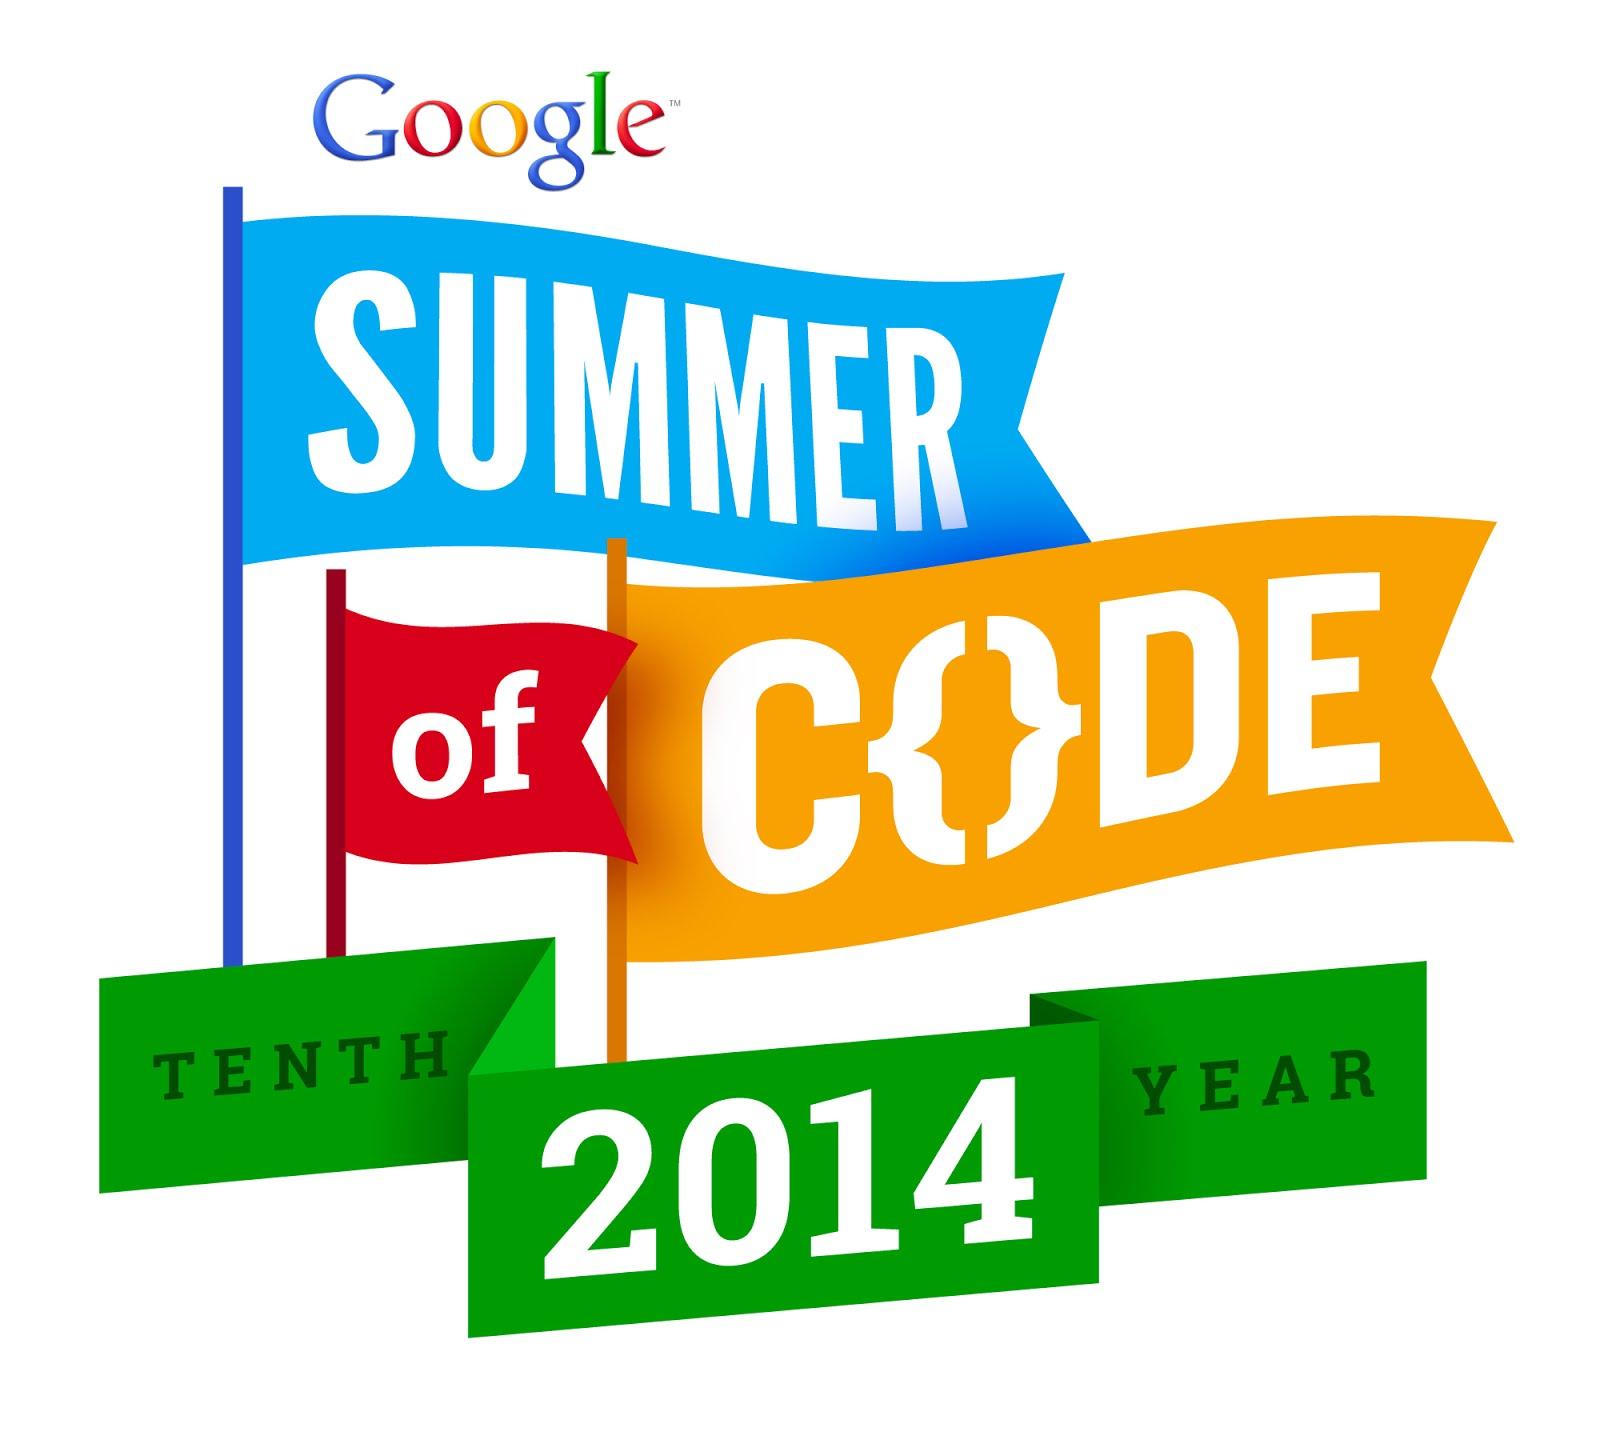 GoogleSummer_2014logo.jpg